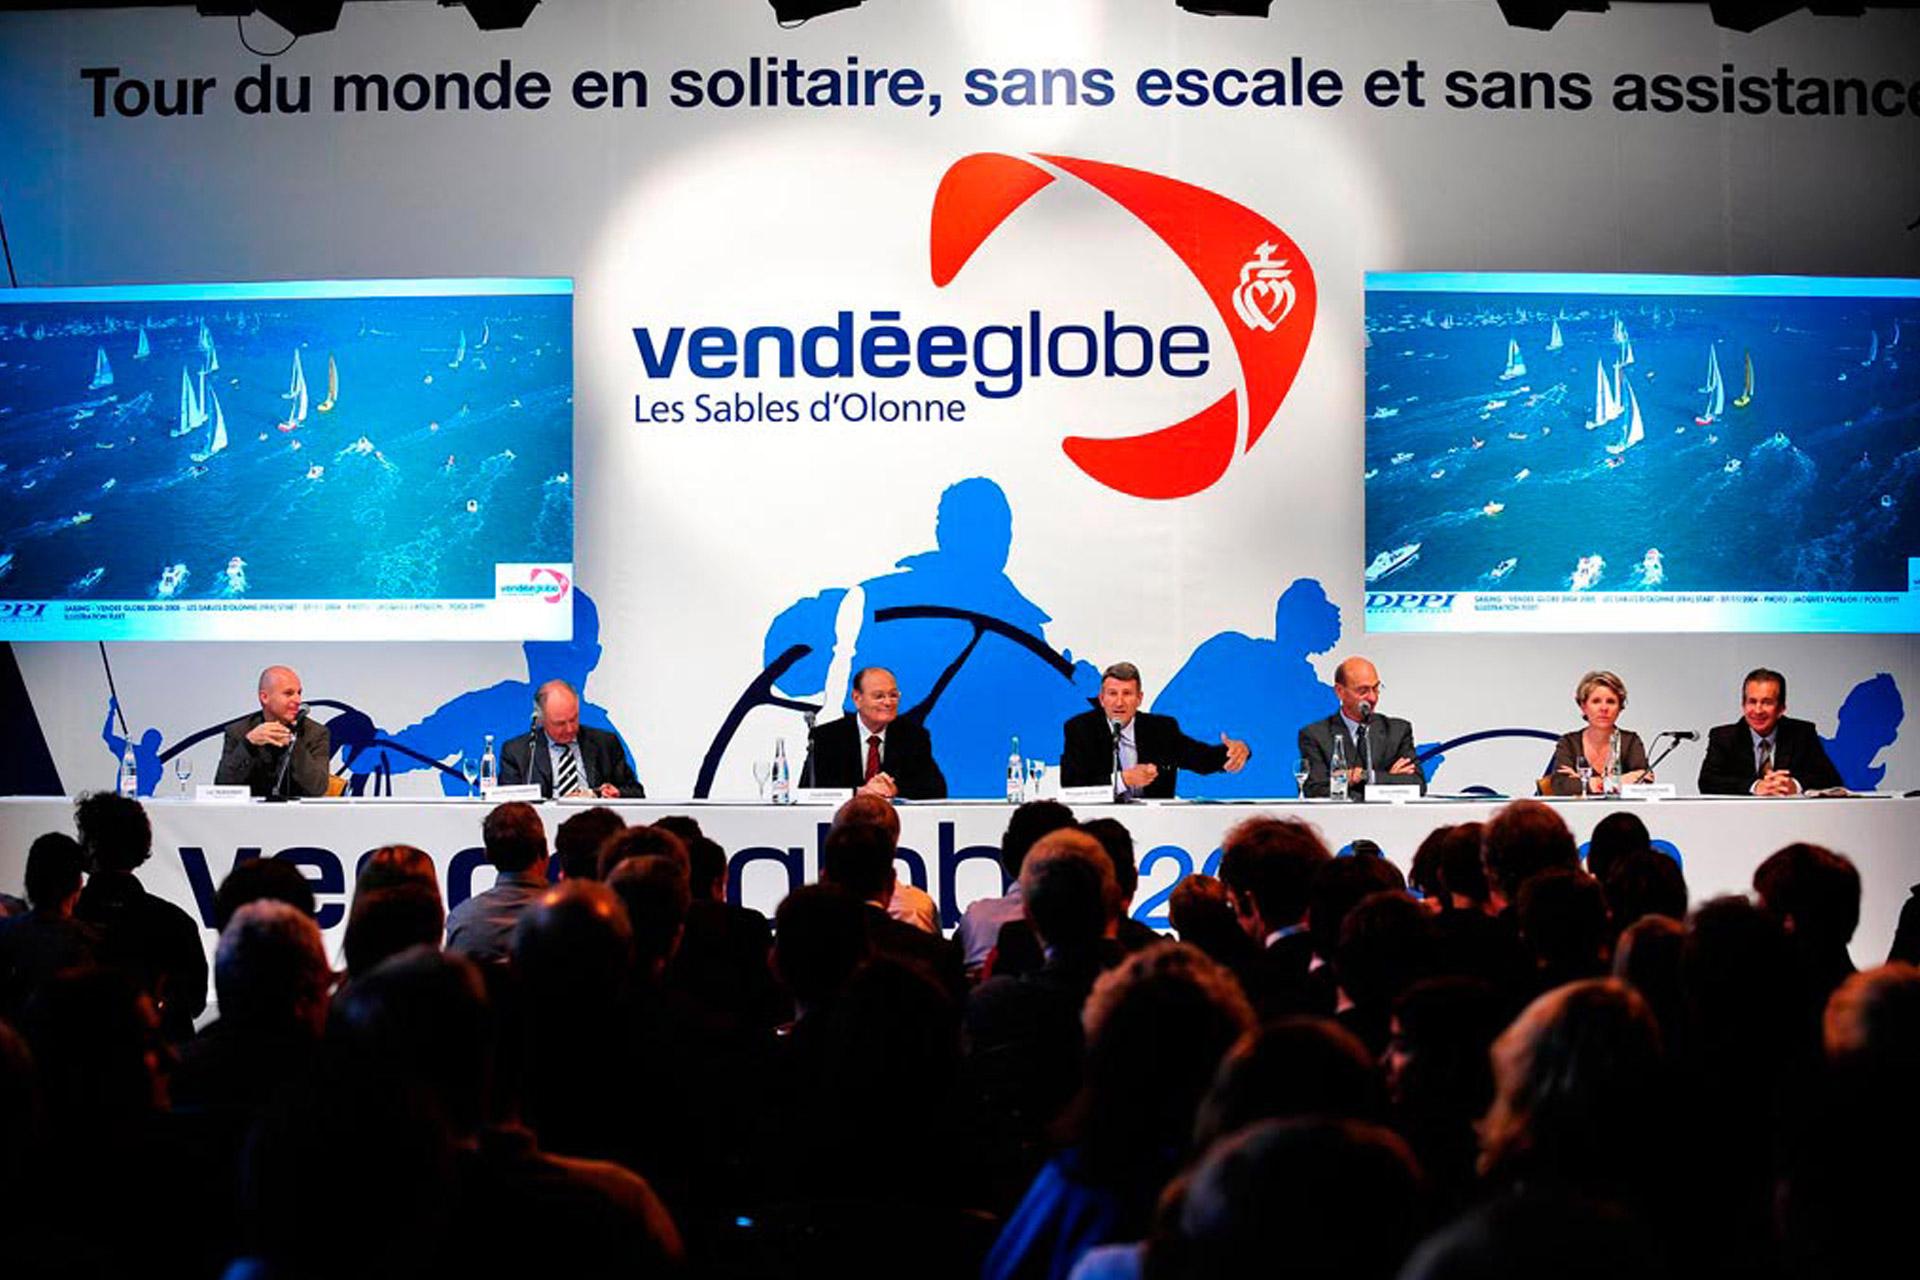 Conférence de presse Vendée Globe 2008-2009-agence logo